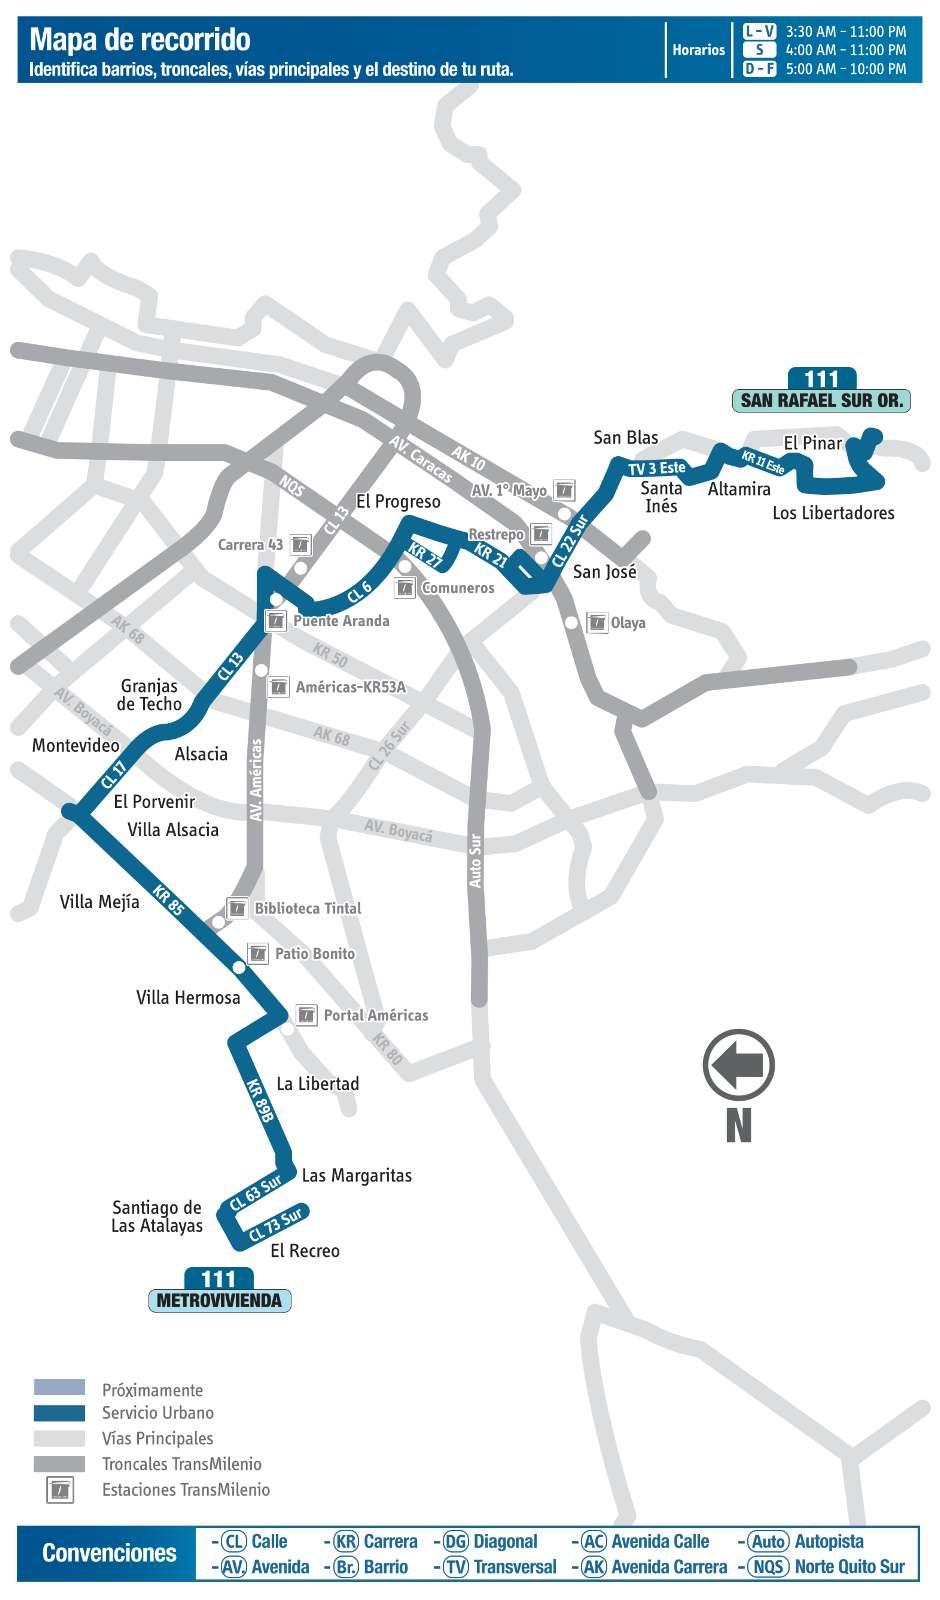 Ruta SITP: 111 San Rafael Suroriental ↔ Metrovivienda (mapa)